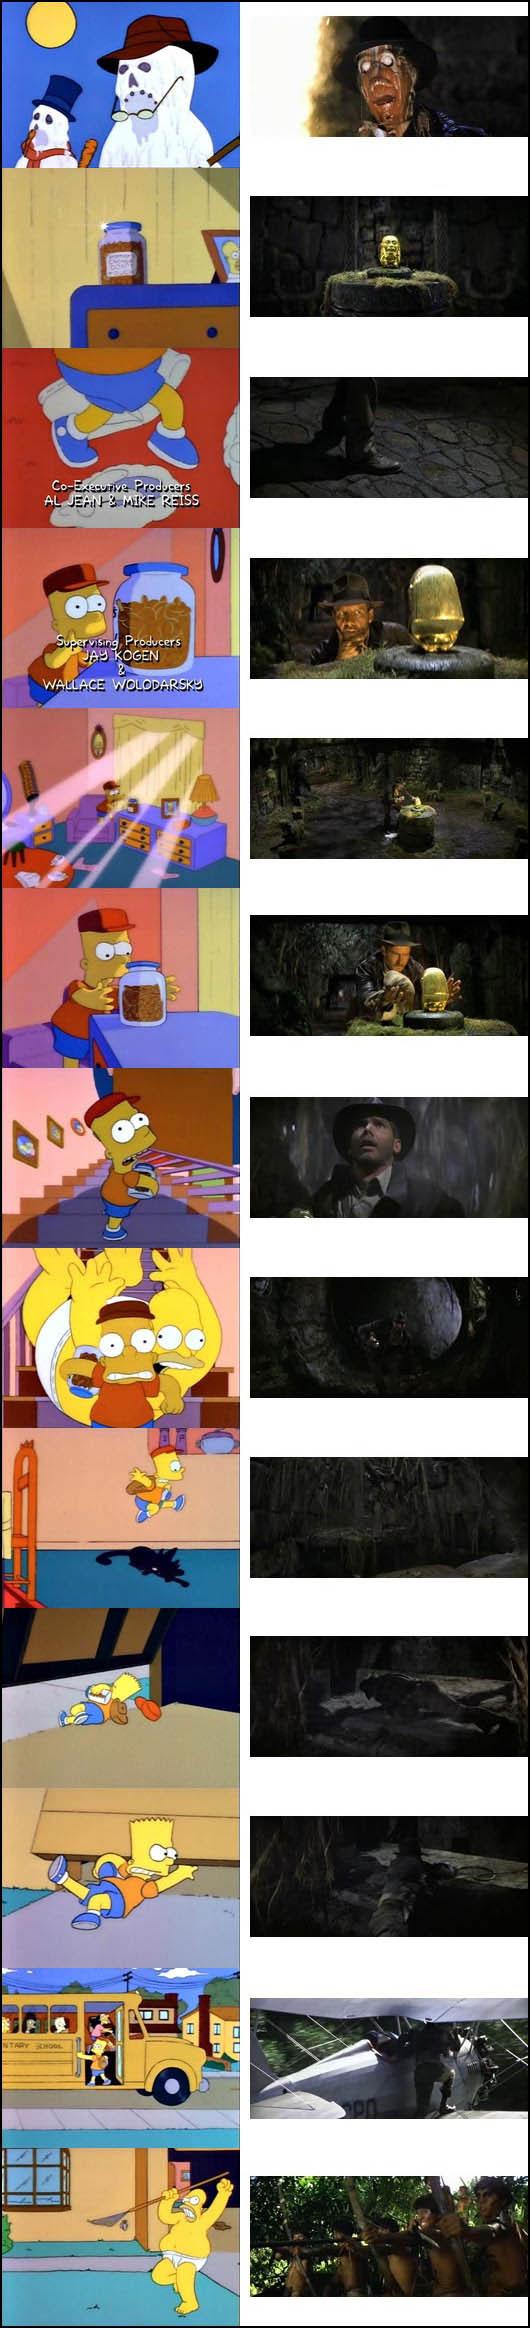 Simpsons-movie-parodies-22